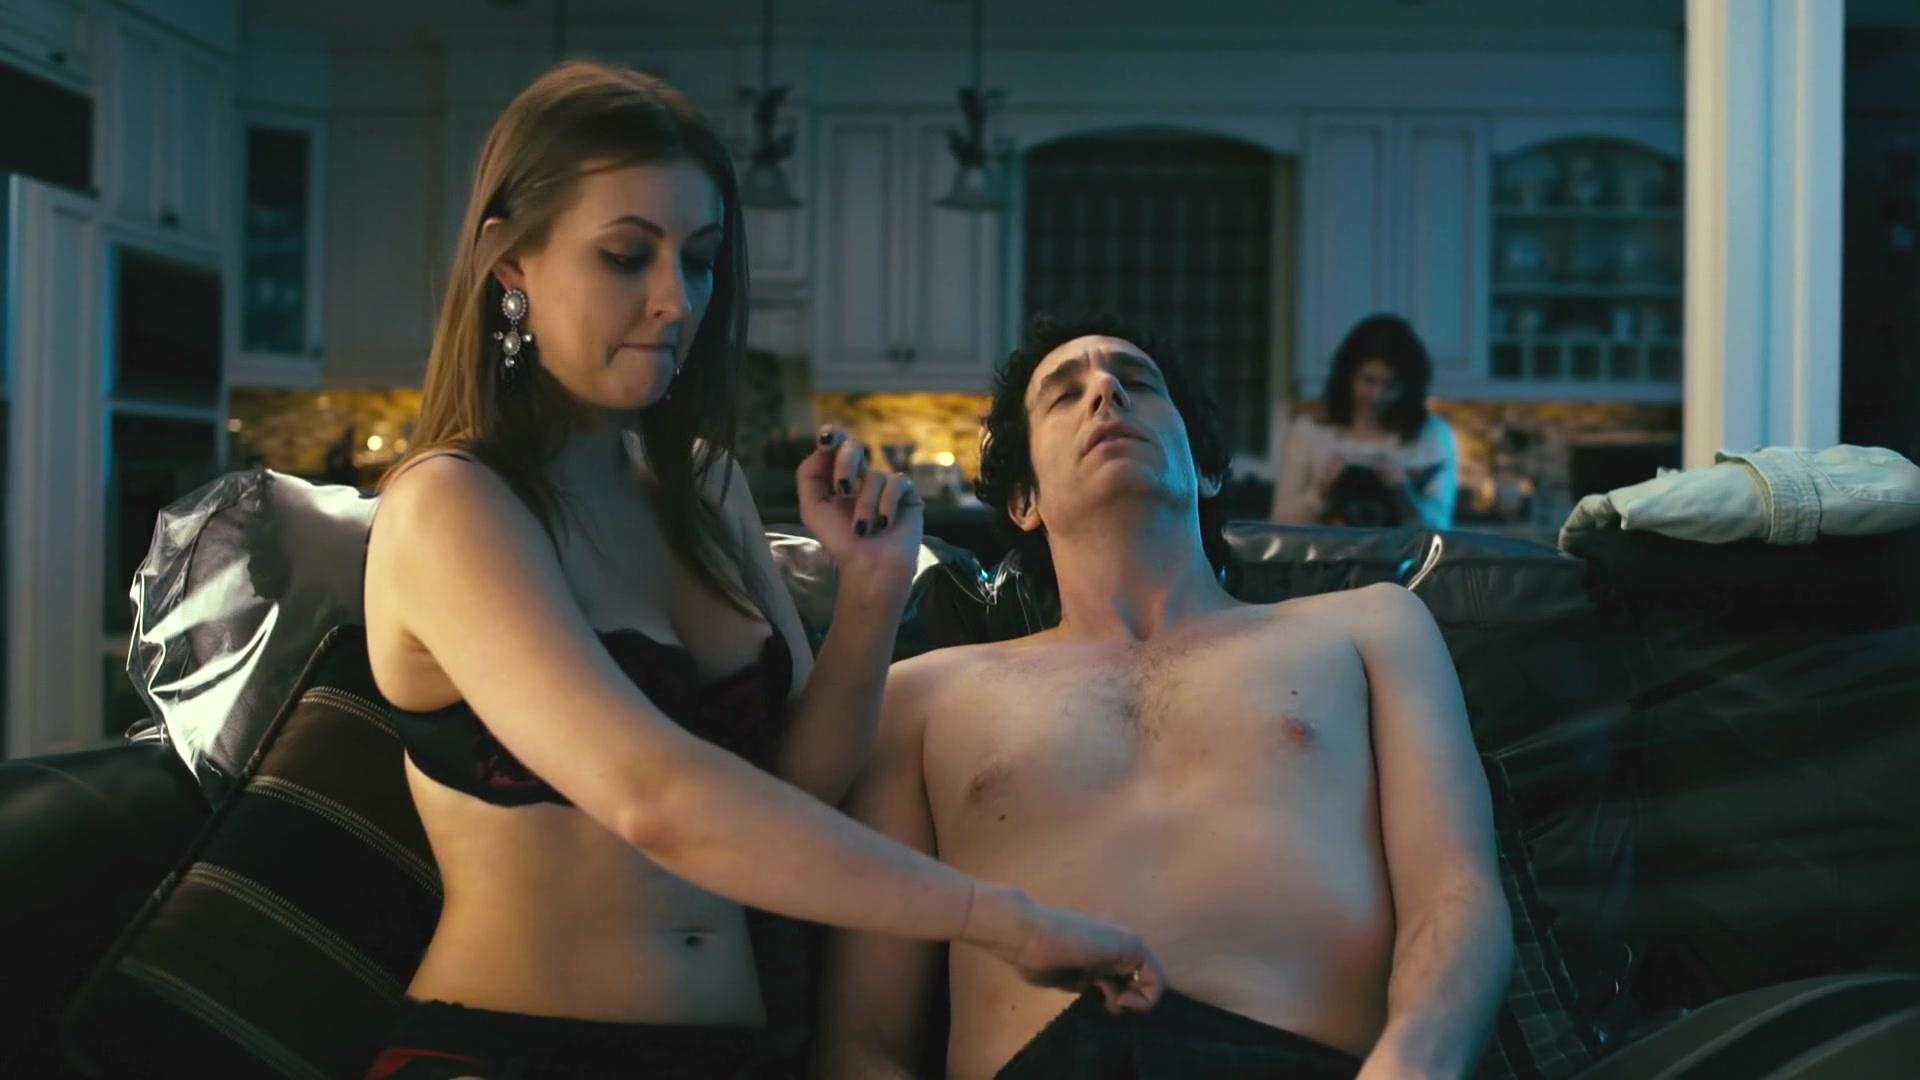 European classic porn images